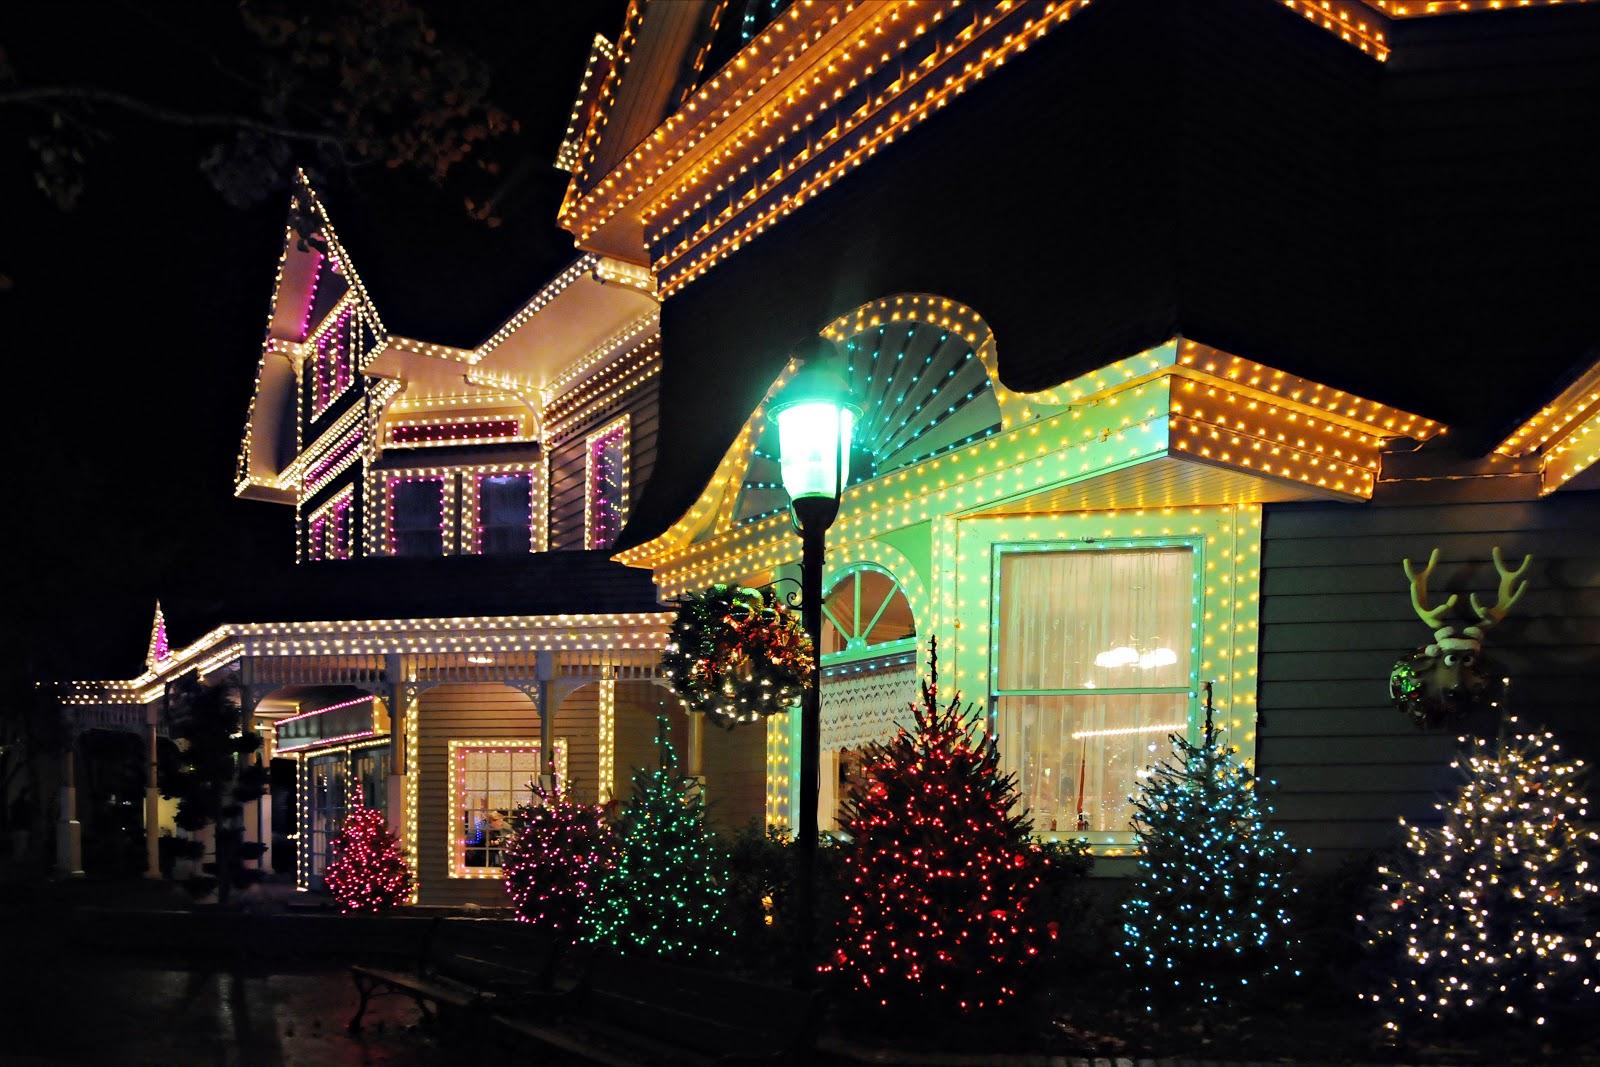 Christmas lighting company | holiday season | 20 years